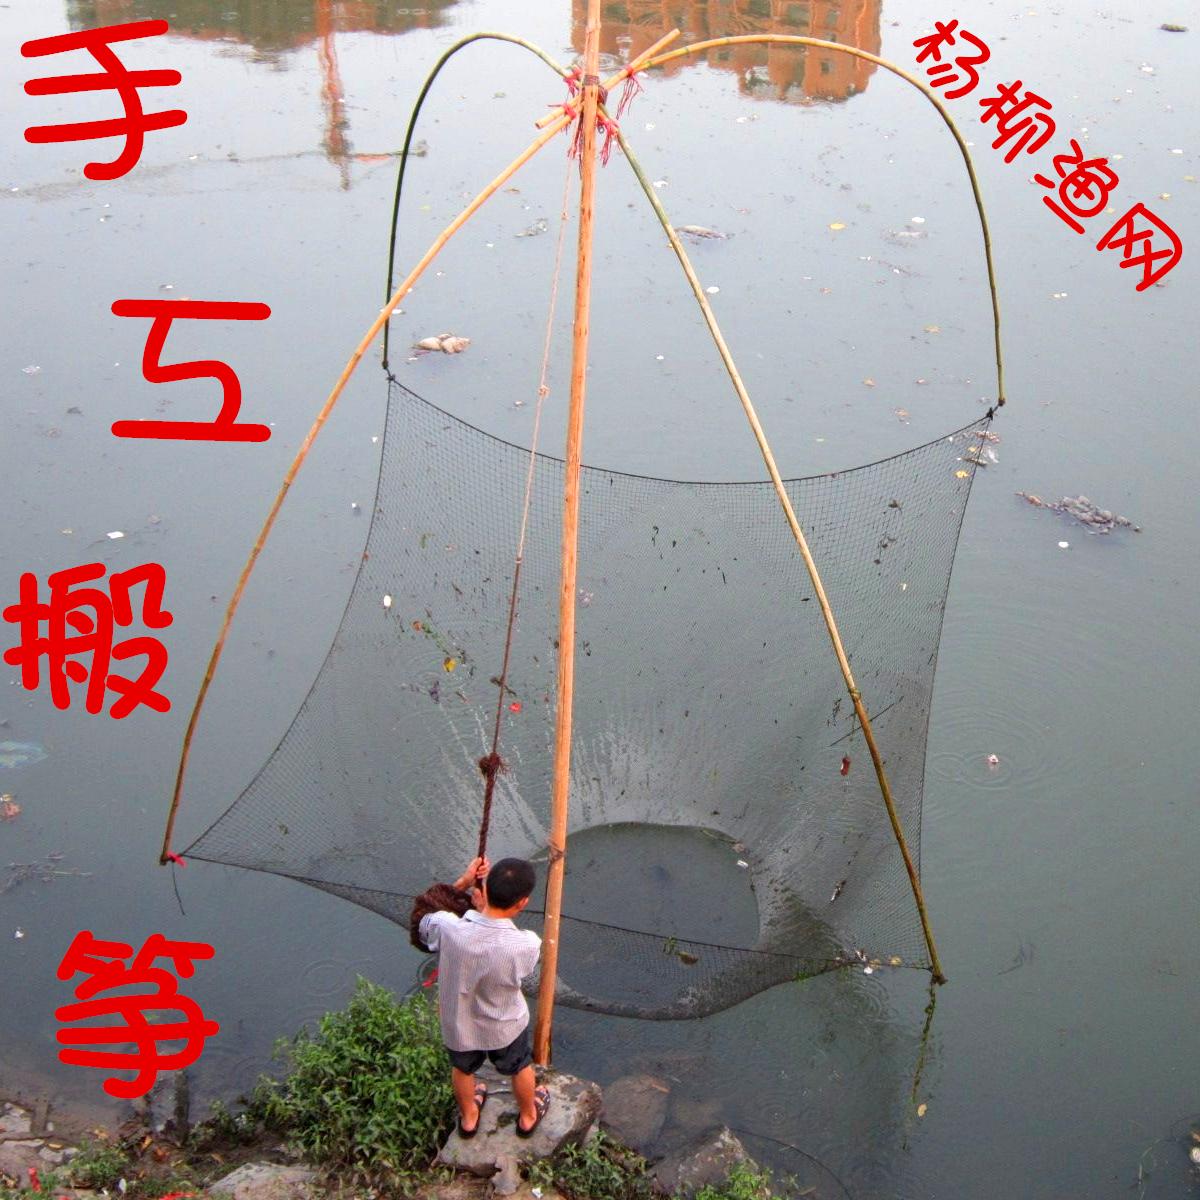 рыболовные тенета да рыбацкие сети